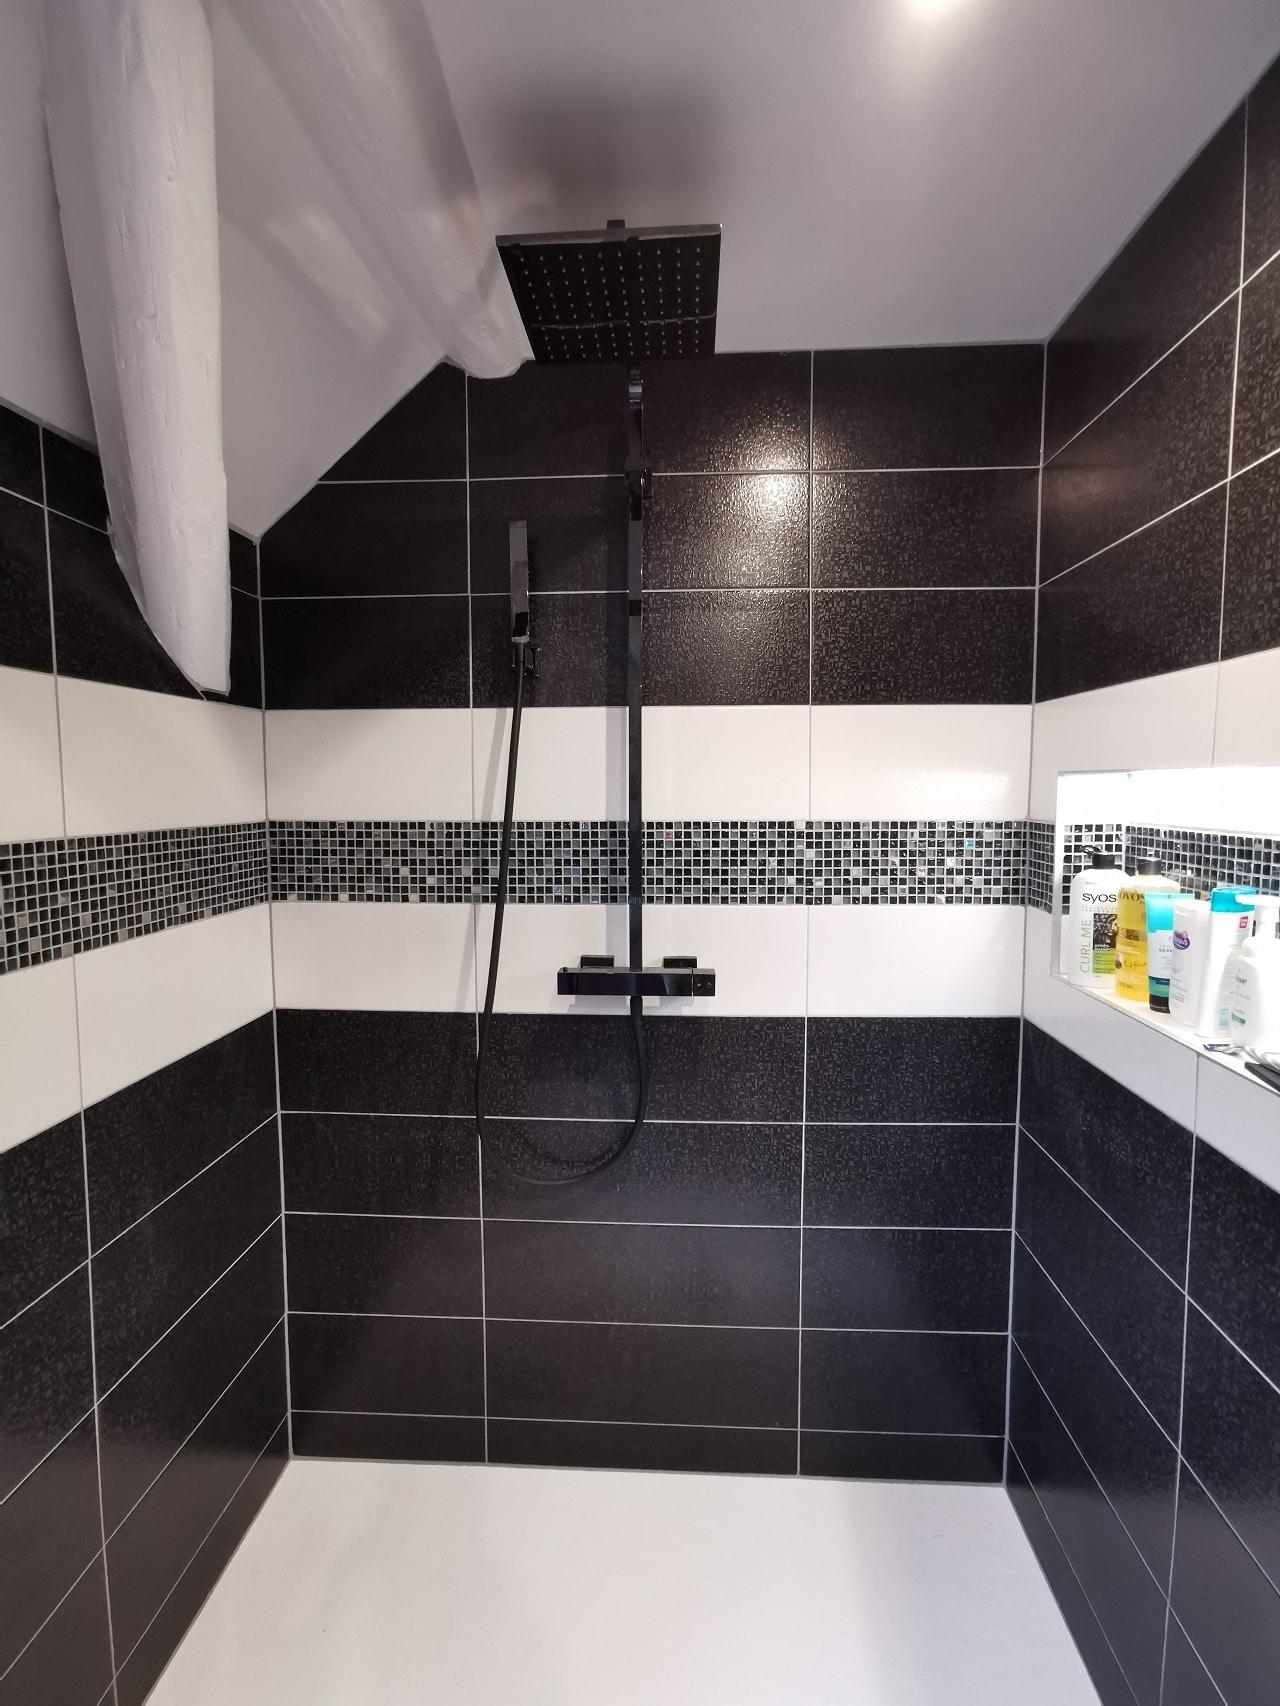 Rénovation d'une salle de bain à Bischwiller, près de Strasbourg (67)